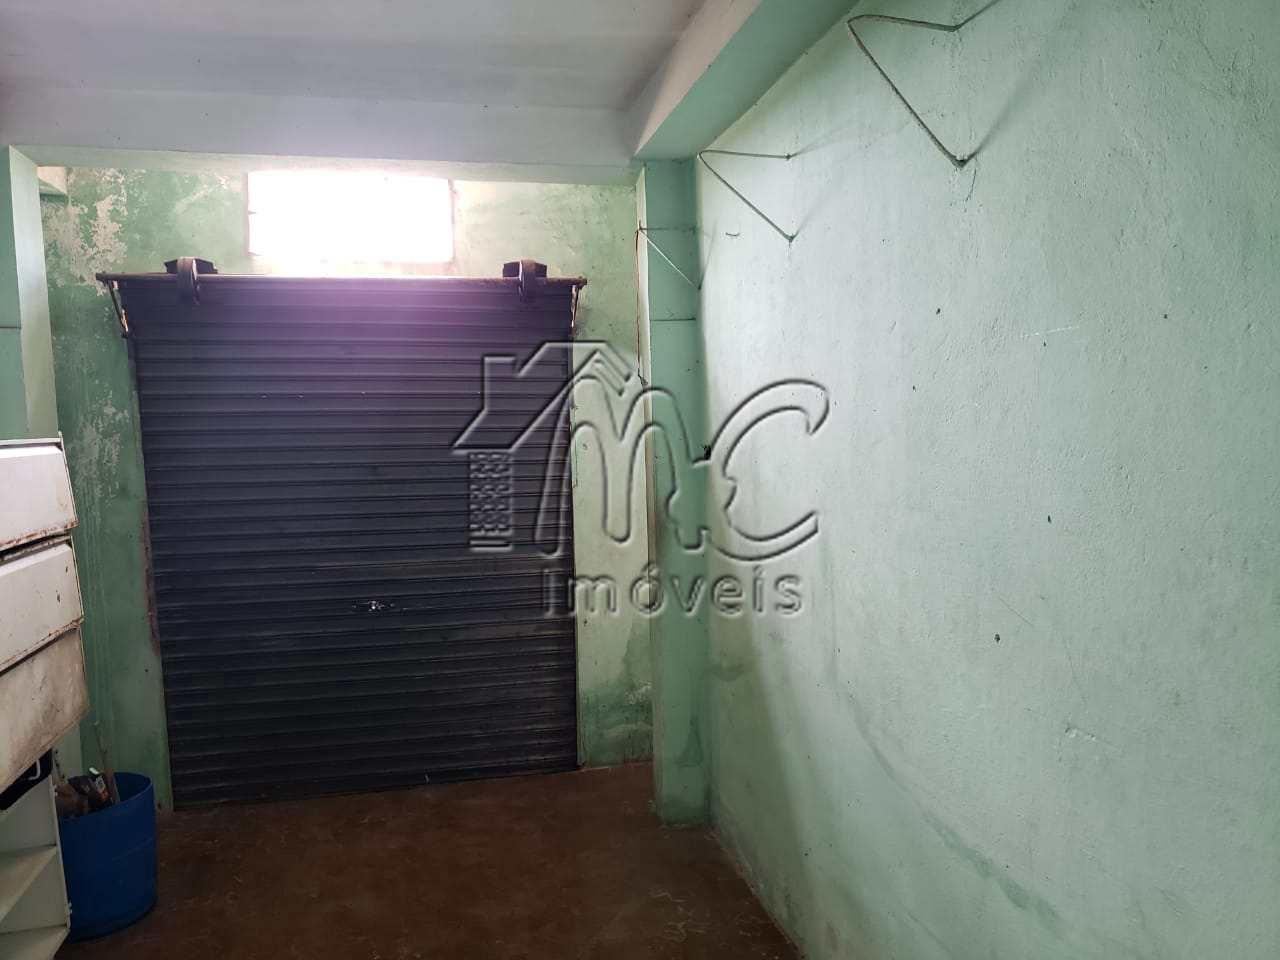 Casa com 2 dorms, à venda , Jardim Guadalupe, Sorocaba/SP.